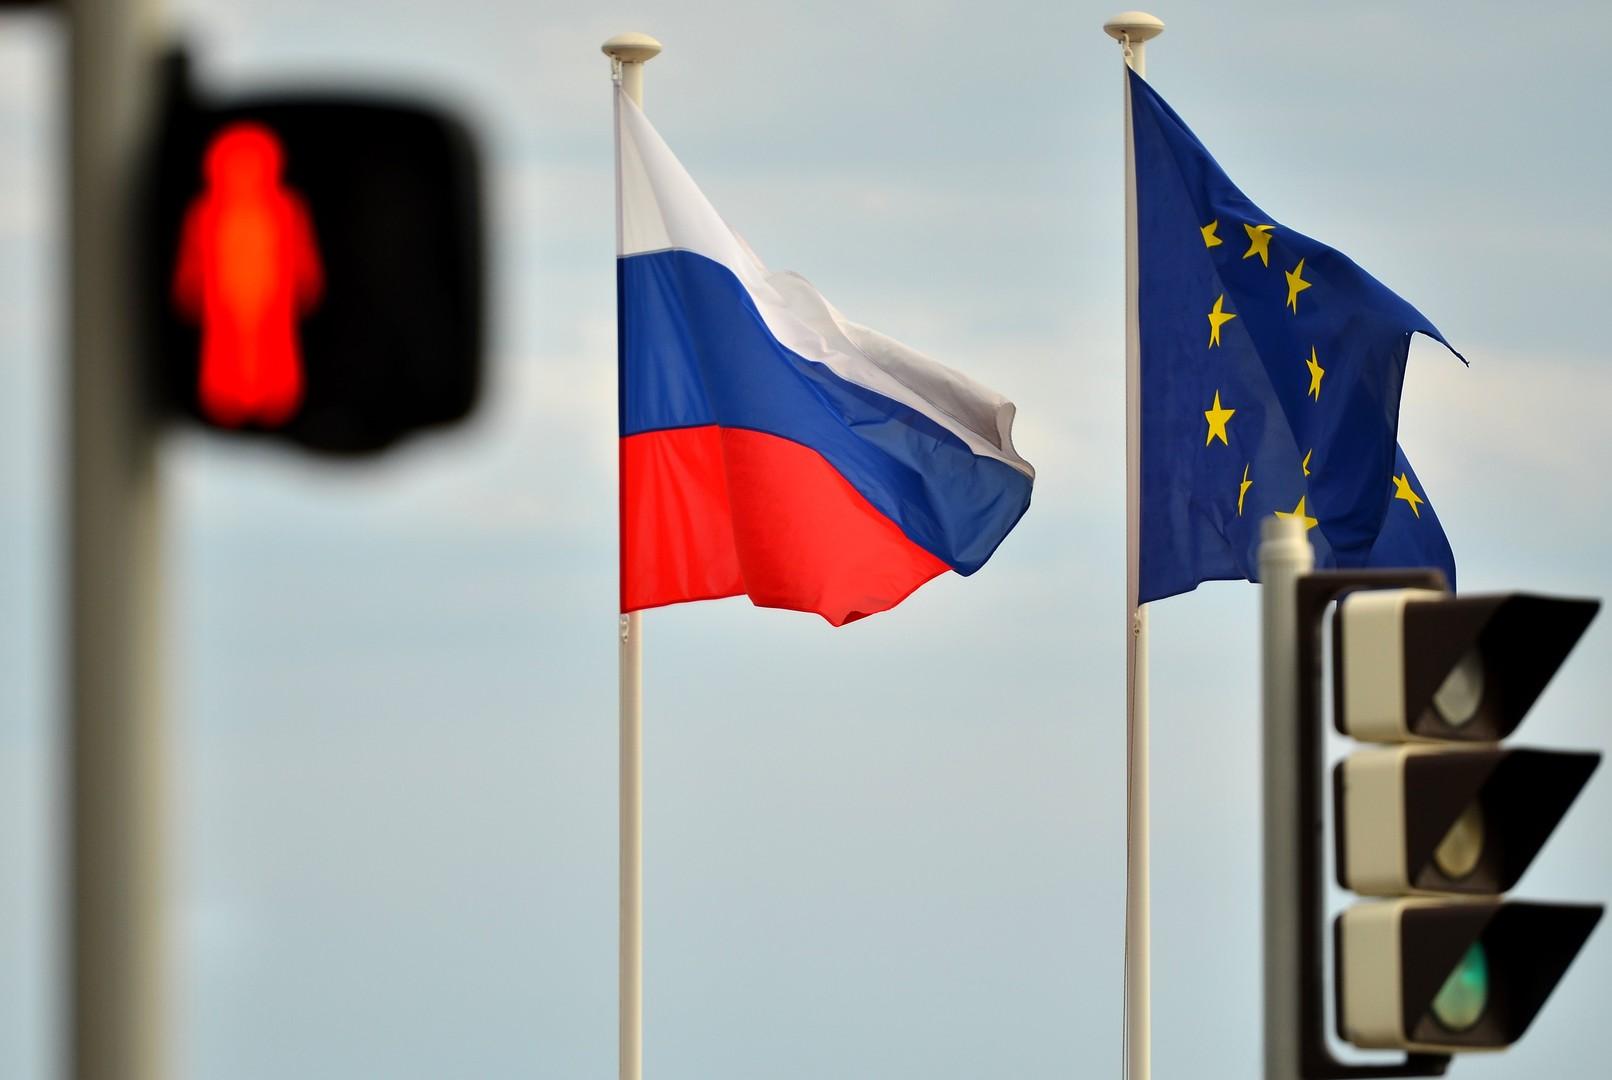 Нижняя Австрия выступила за отмену антироссийских санкций ЕС